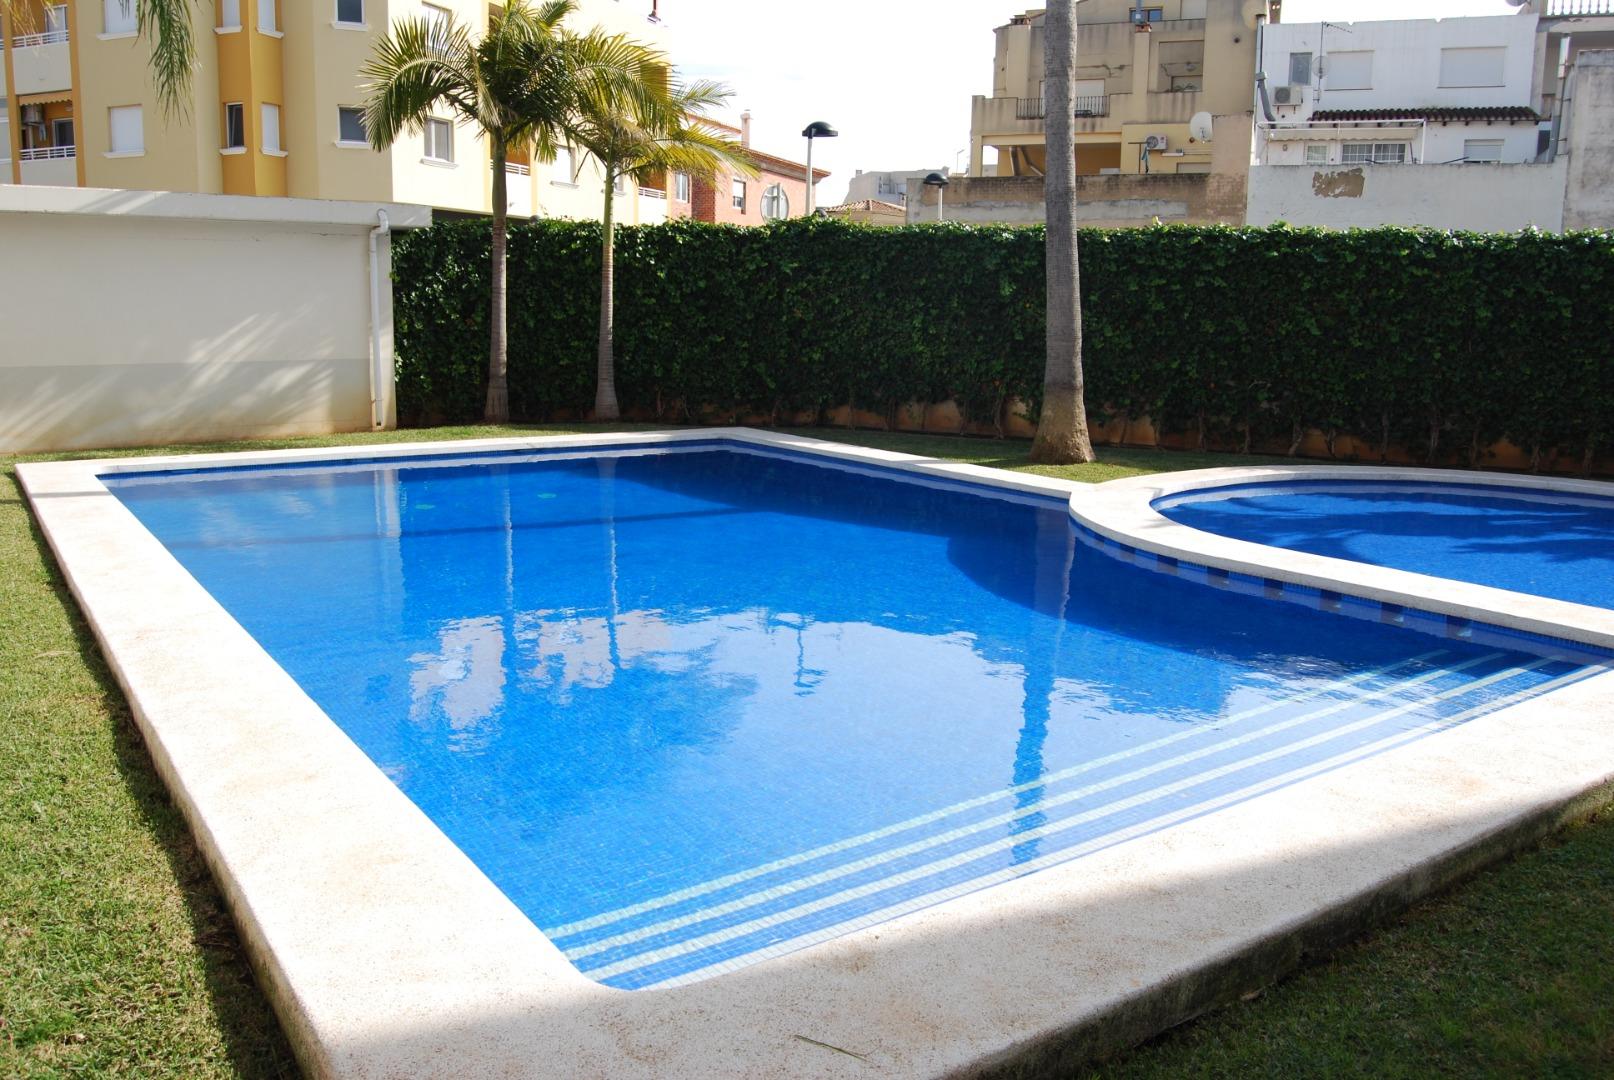 Location Appartement  Calle germanías. Piso duplex -  ondara - sin muebles - urbanización con piscina c